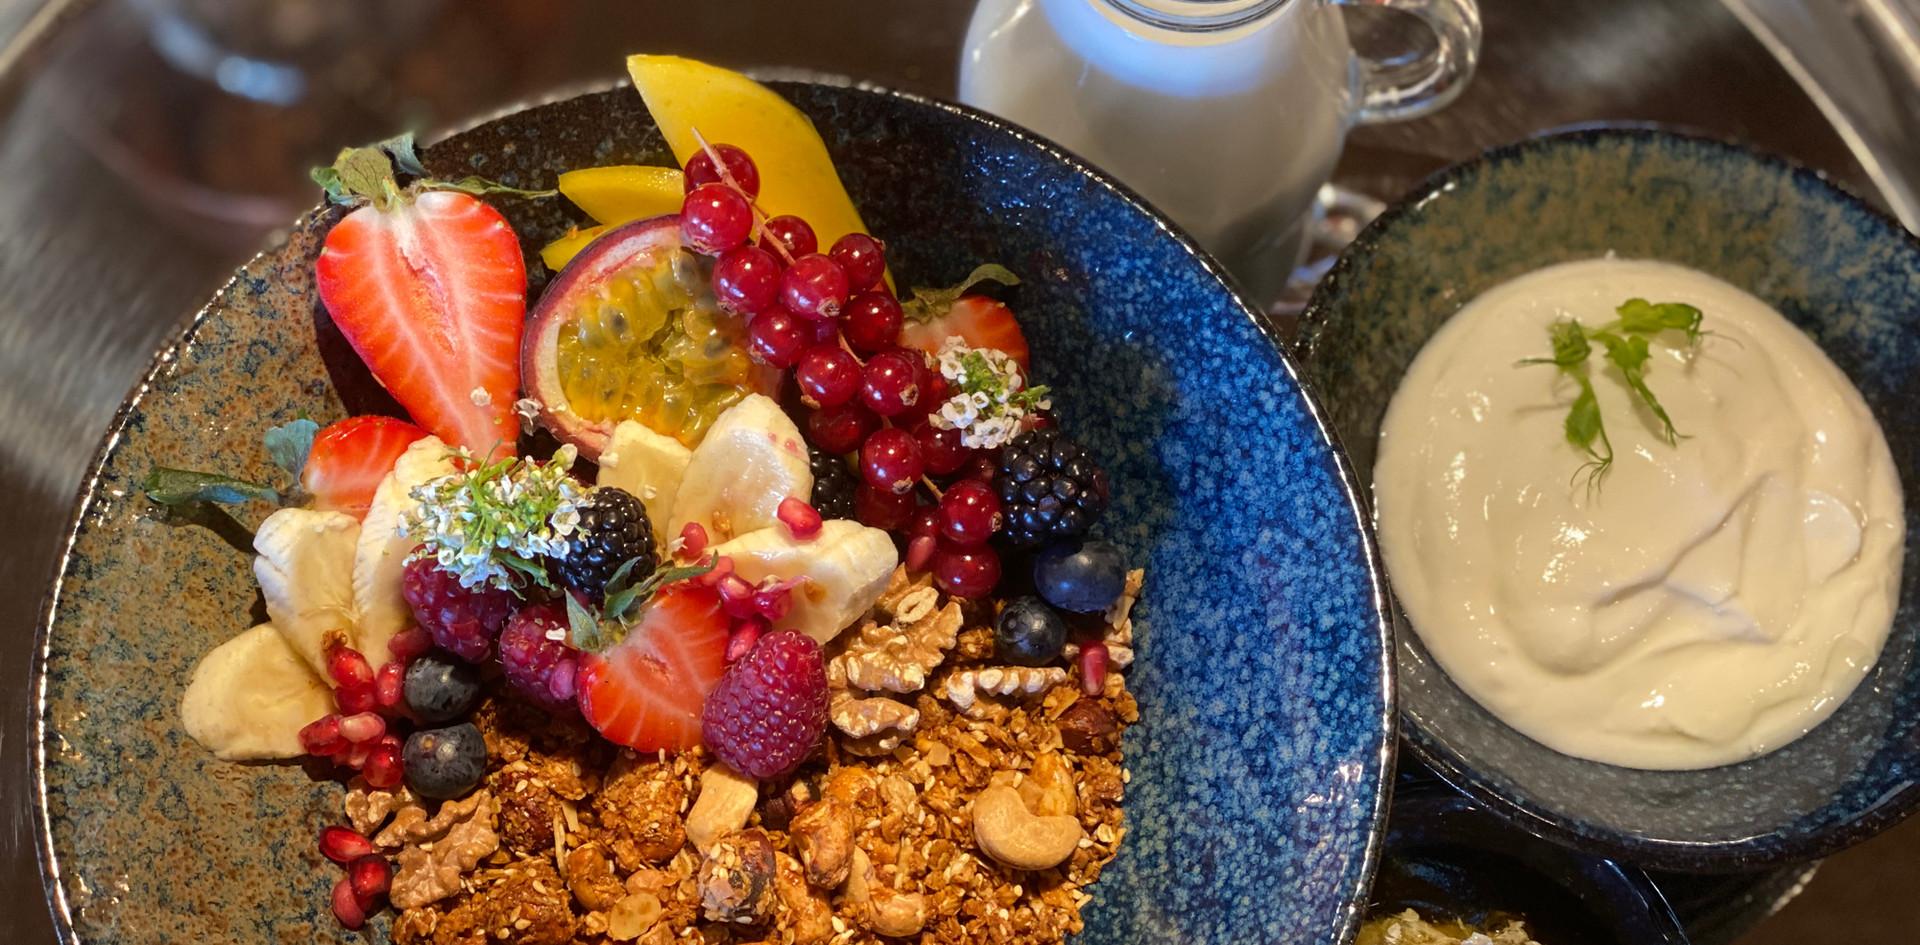 Granola Frühstücks-Manufaktur - Hotel Wegner - The culinary Art Hotel